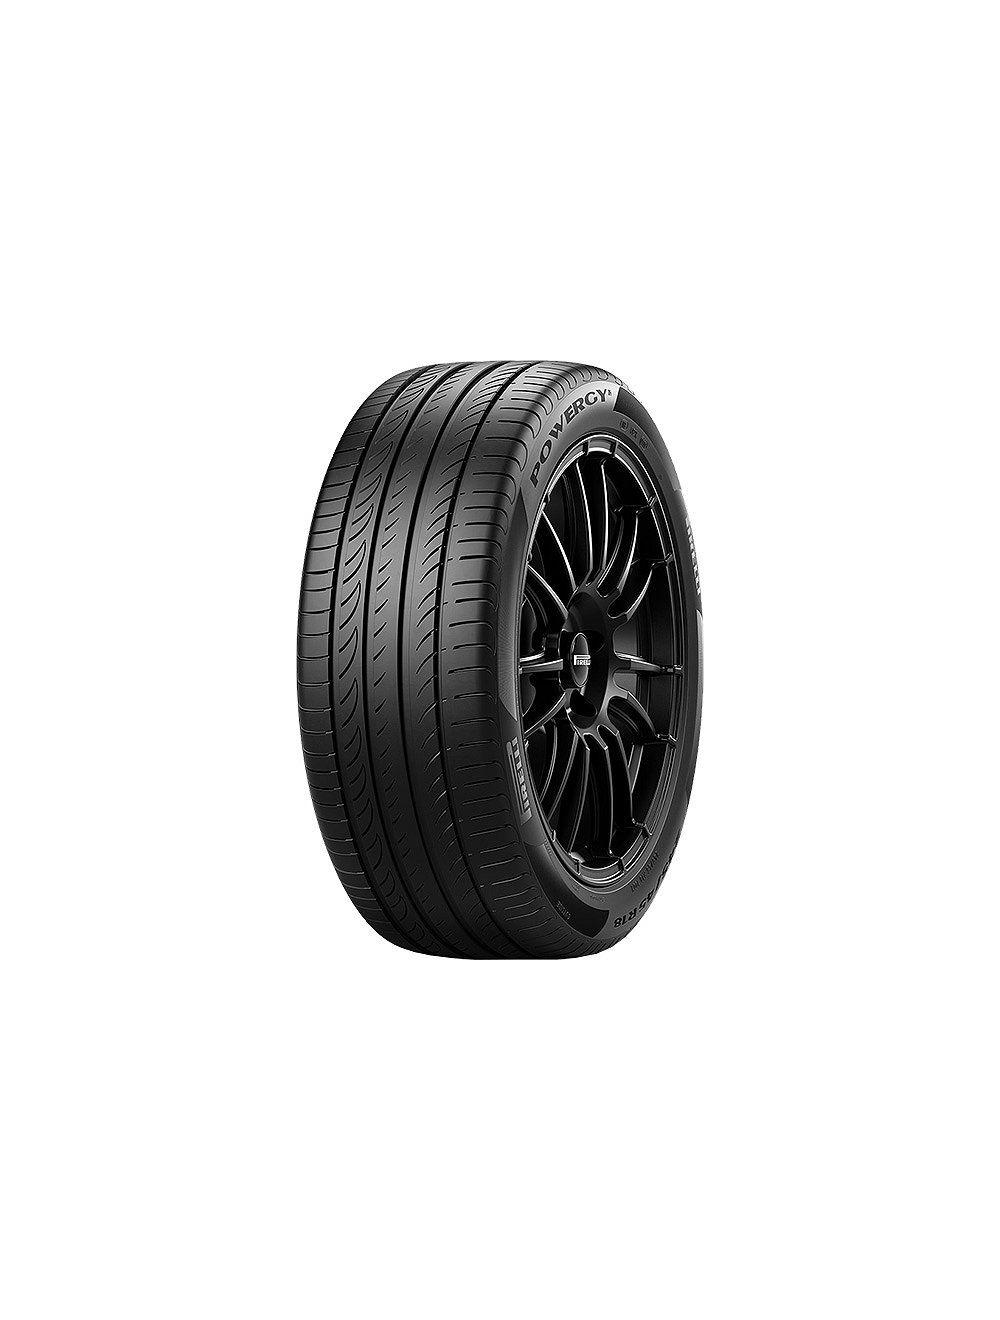 Pirelli 195/55R20 H Powergy XL Nyári gumi